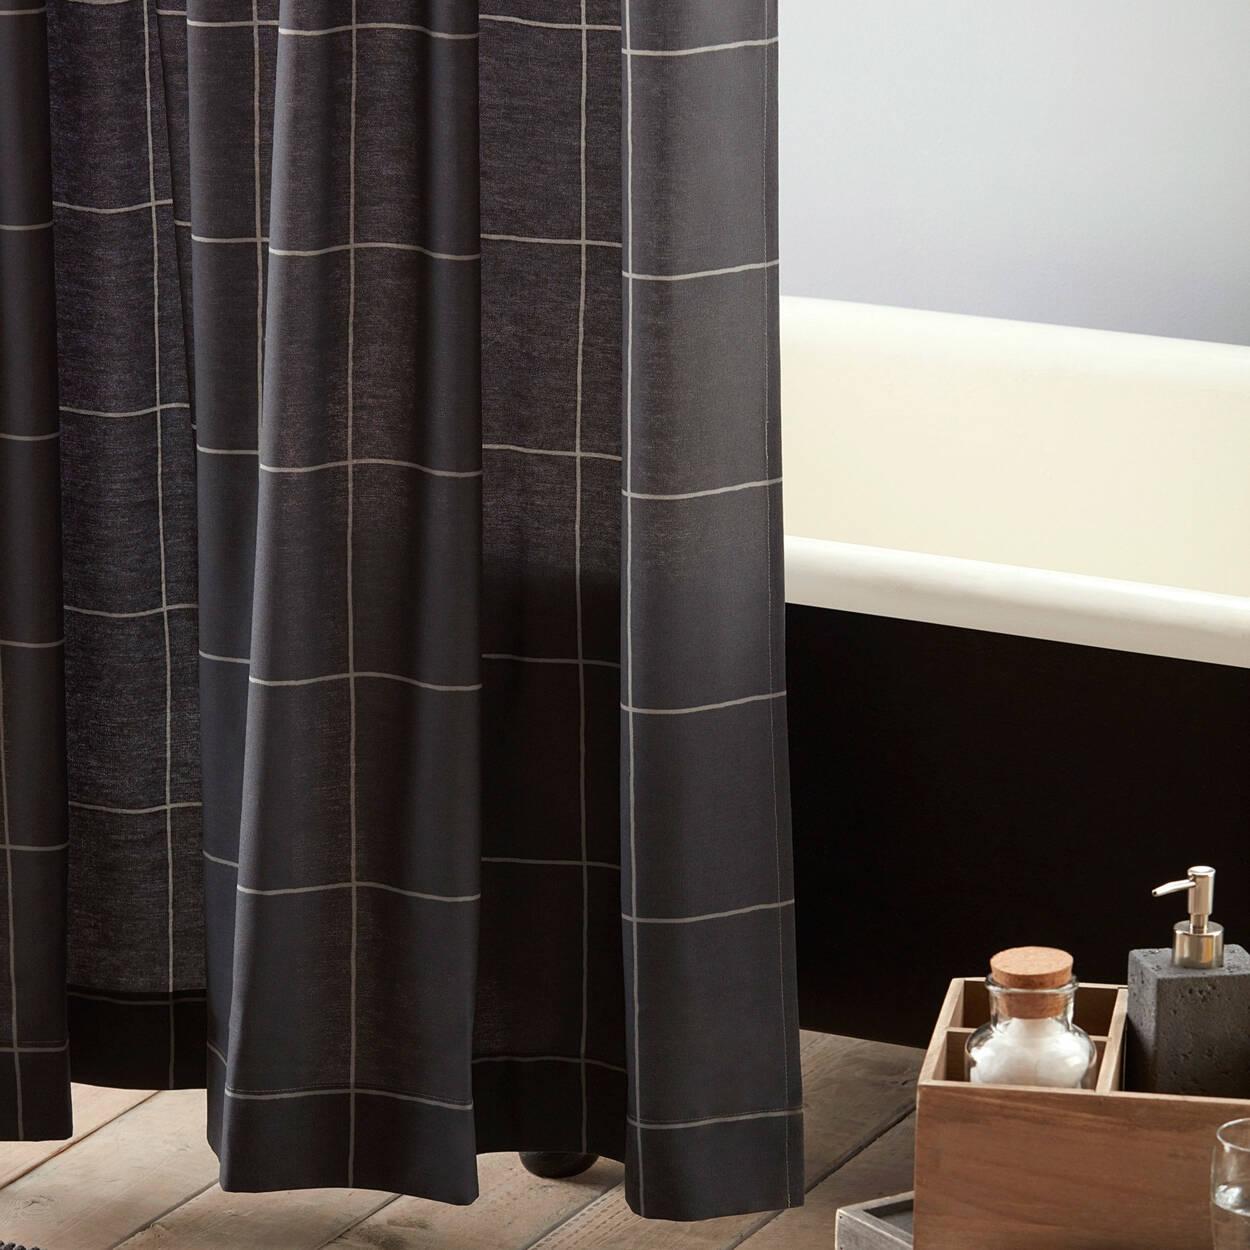 Rideau de douche shayne for Accessoires de salle de bain bouclair